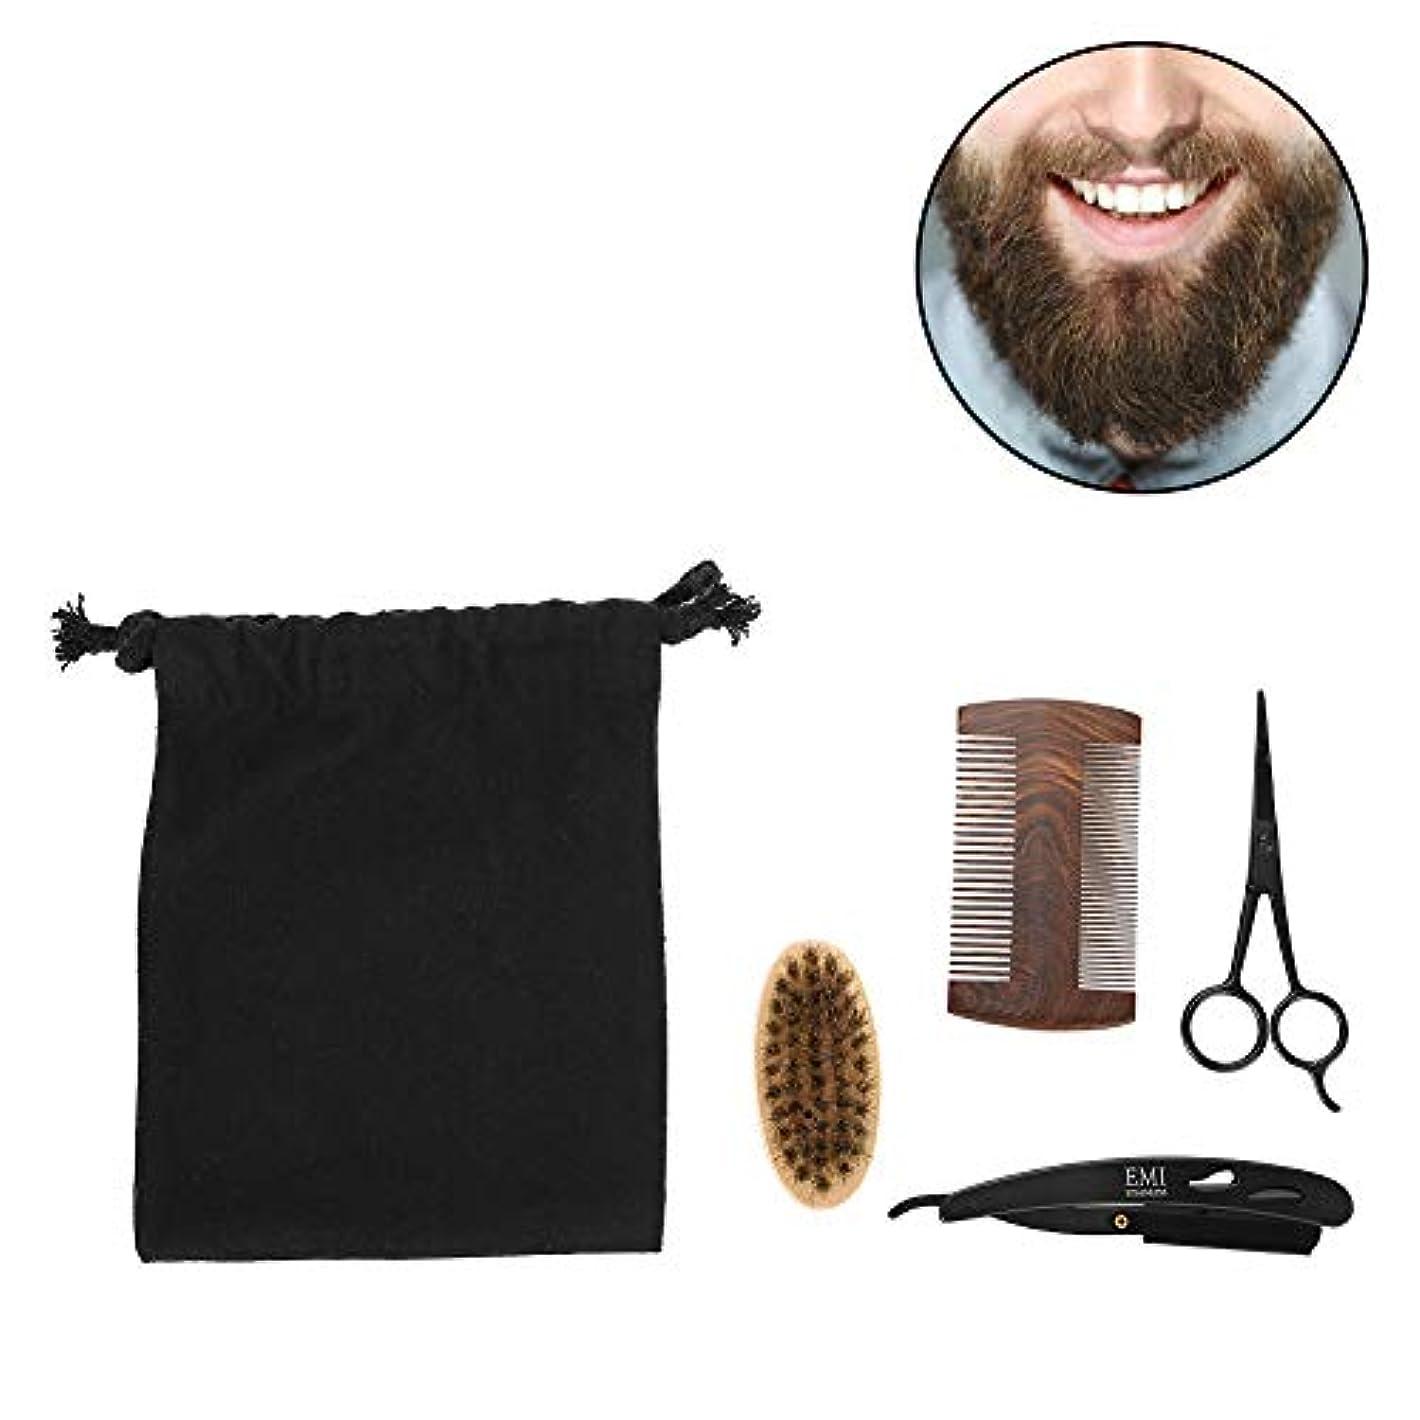 マイナス不足耐えられない男性のためのSemmeひげグルーミングキット、ひげブラシセット、ひげケアセットスタイル男性のくしブラシはさみキットモデリングクリーニング修理セットとキャンバスバッグ